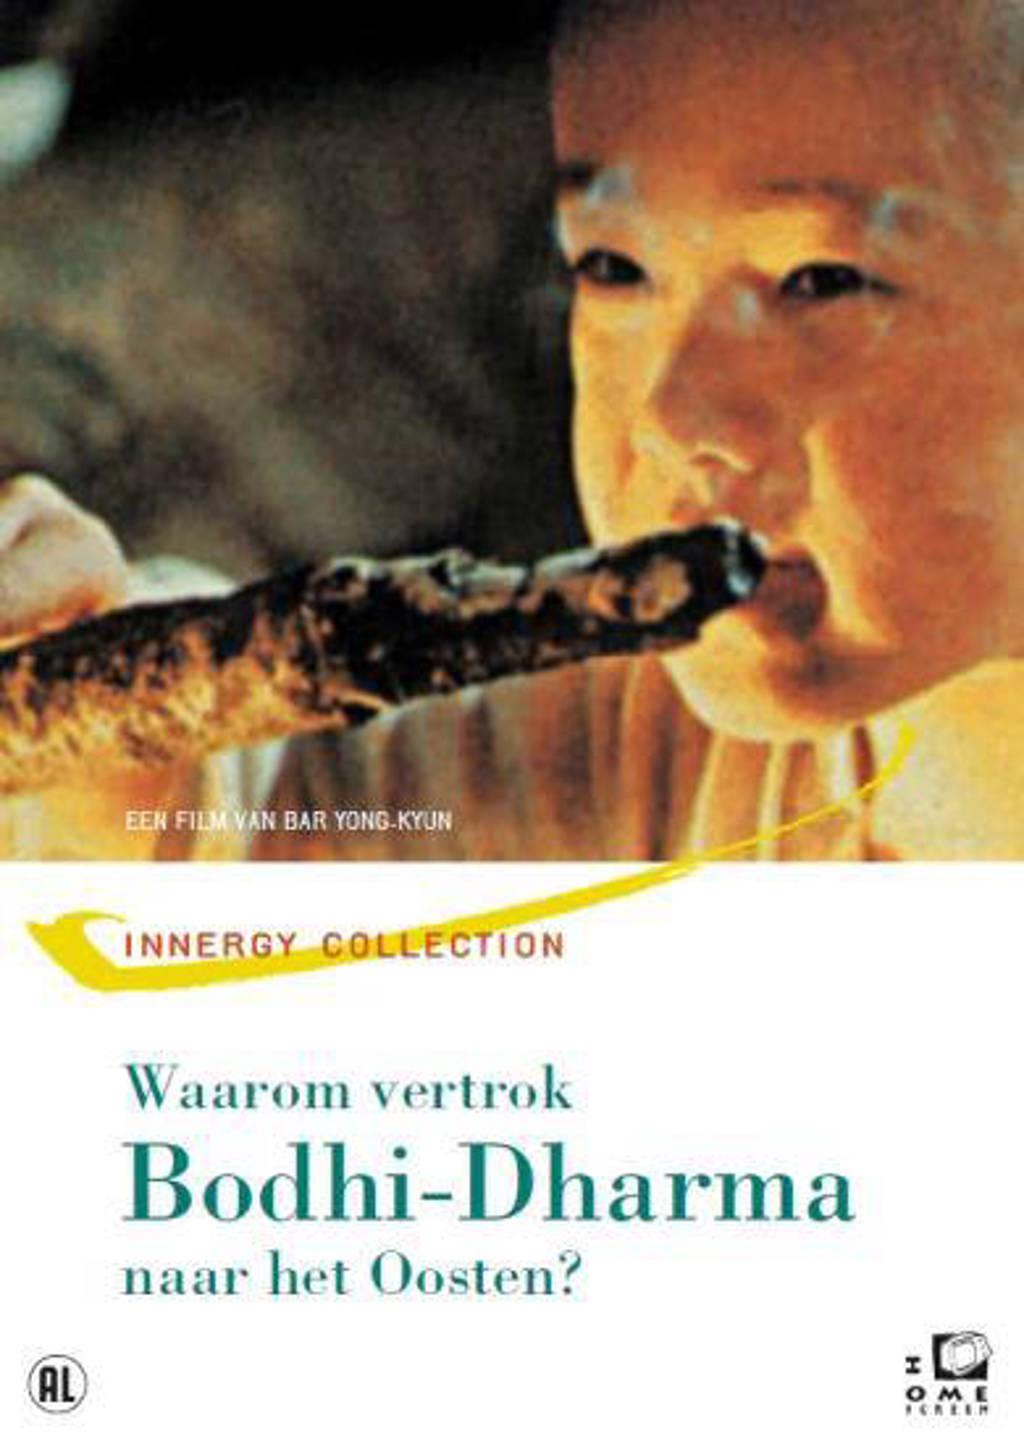 Waarom vertrok Bodhi-Dharma naar het oosten (DVD)